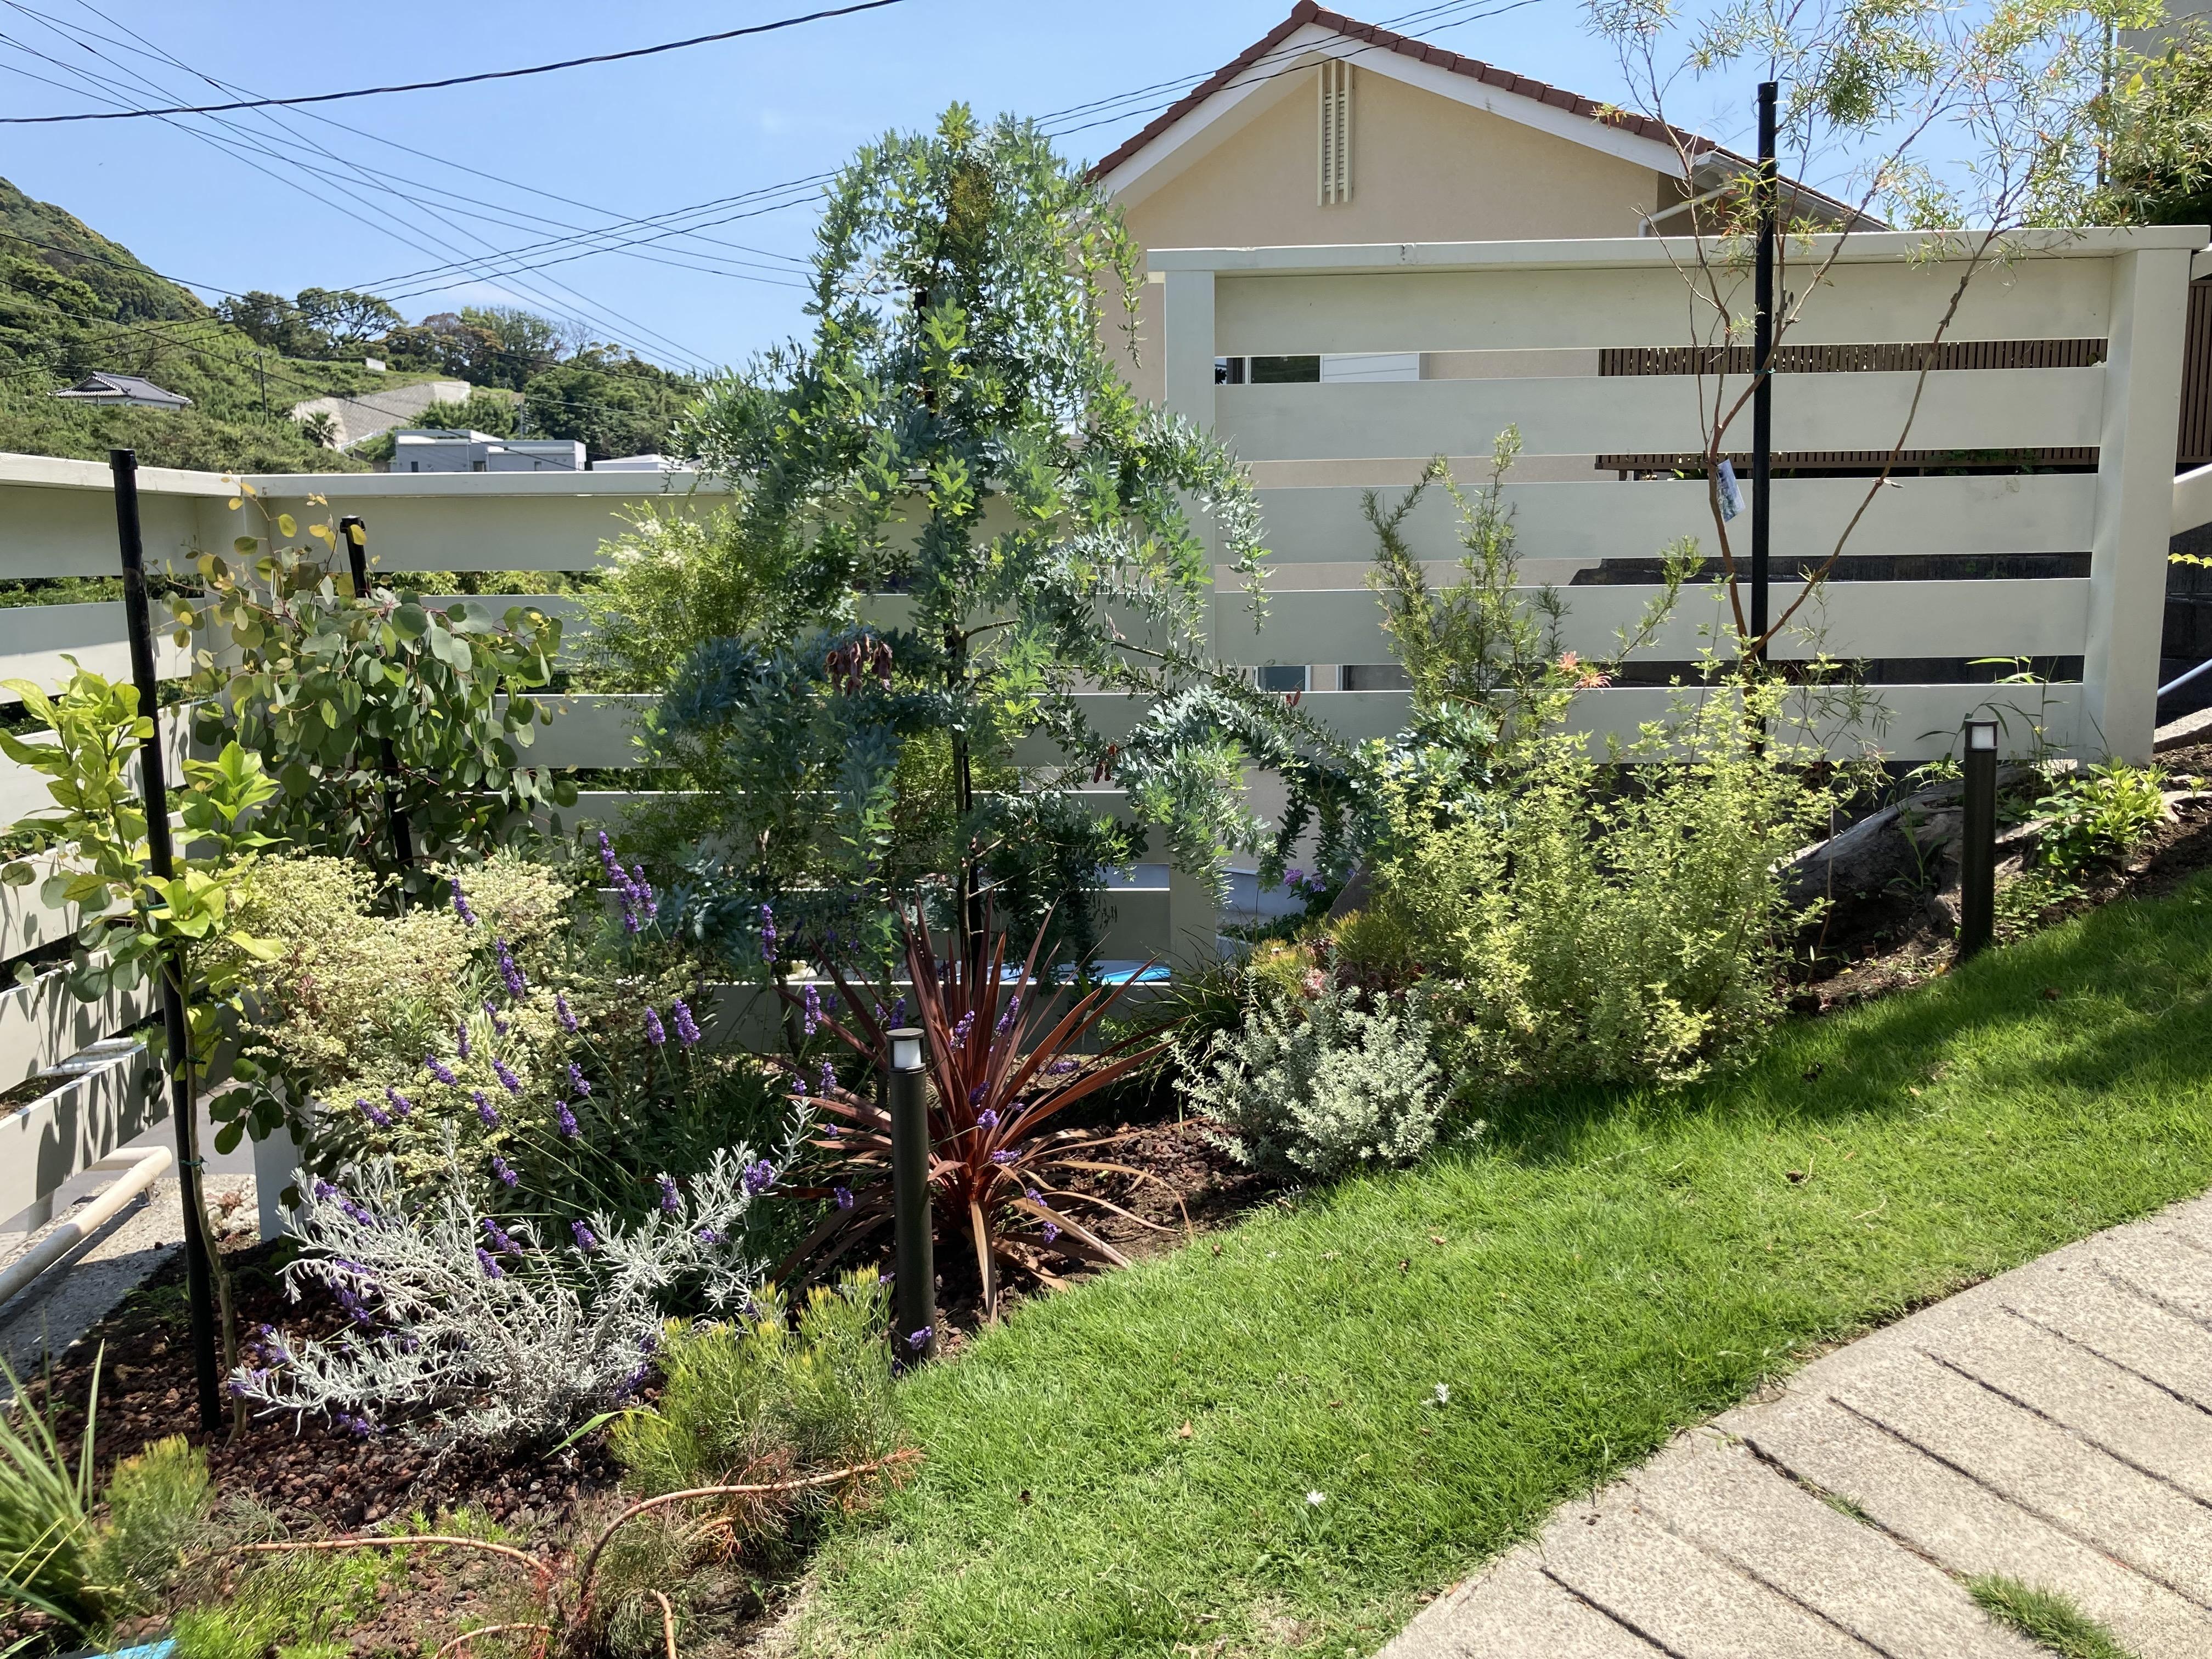 小径の植栽 順調に成長。 フェンスもレトロに仕上げ